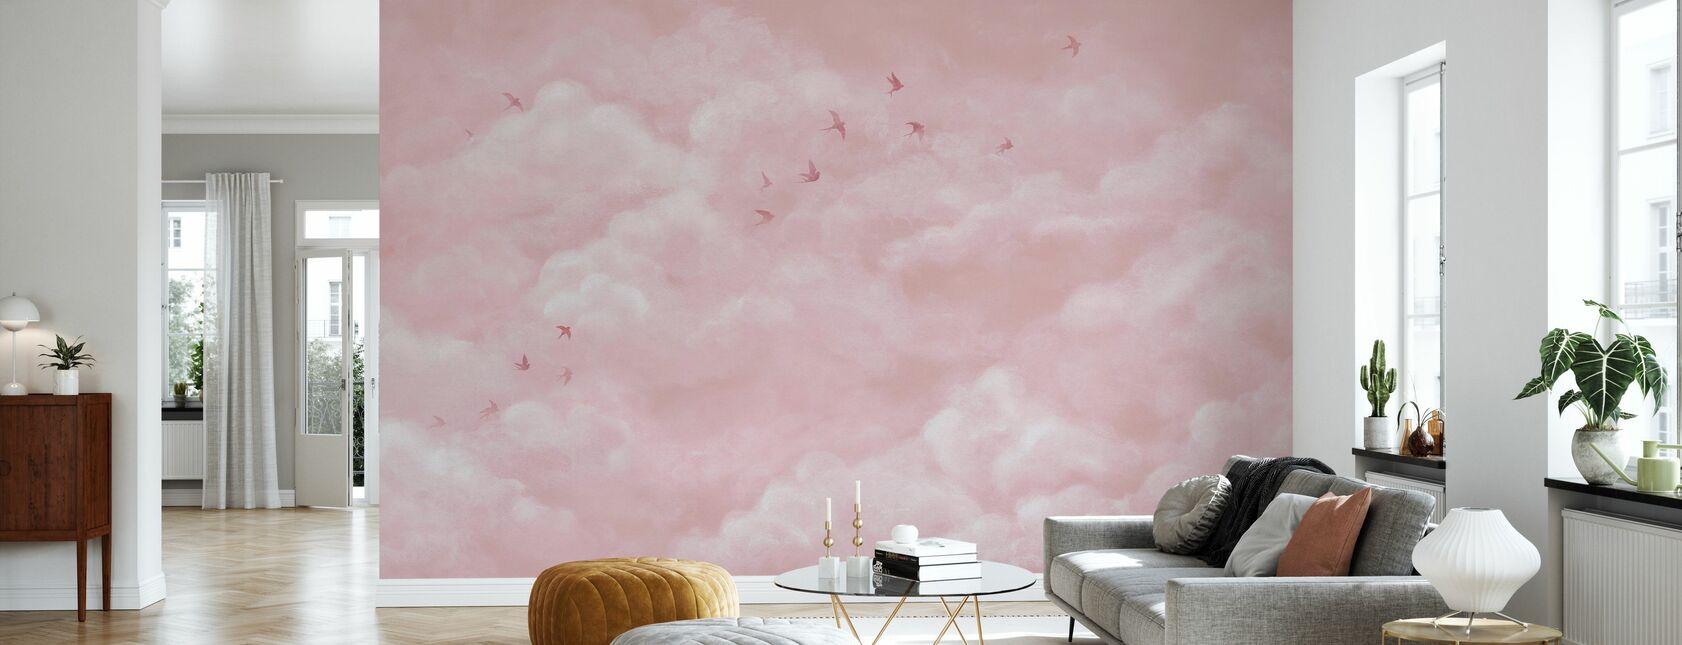 Zarte Wolken mit Schwalben - Rosa - Tapete - Wohnzimmer